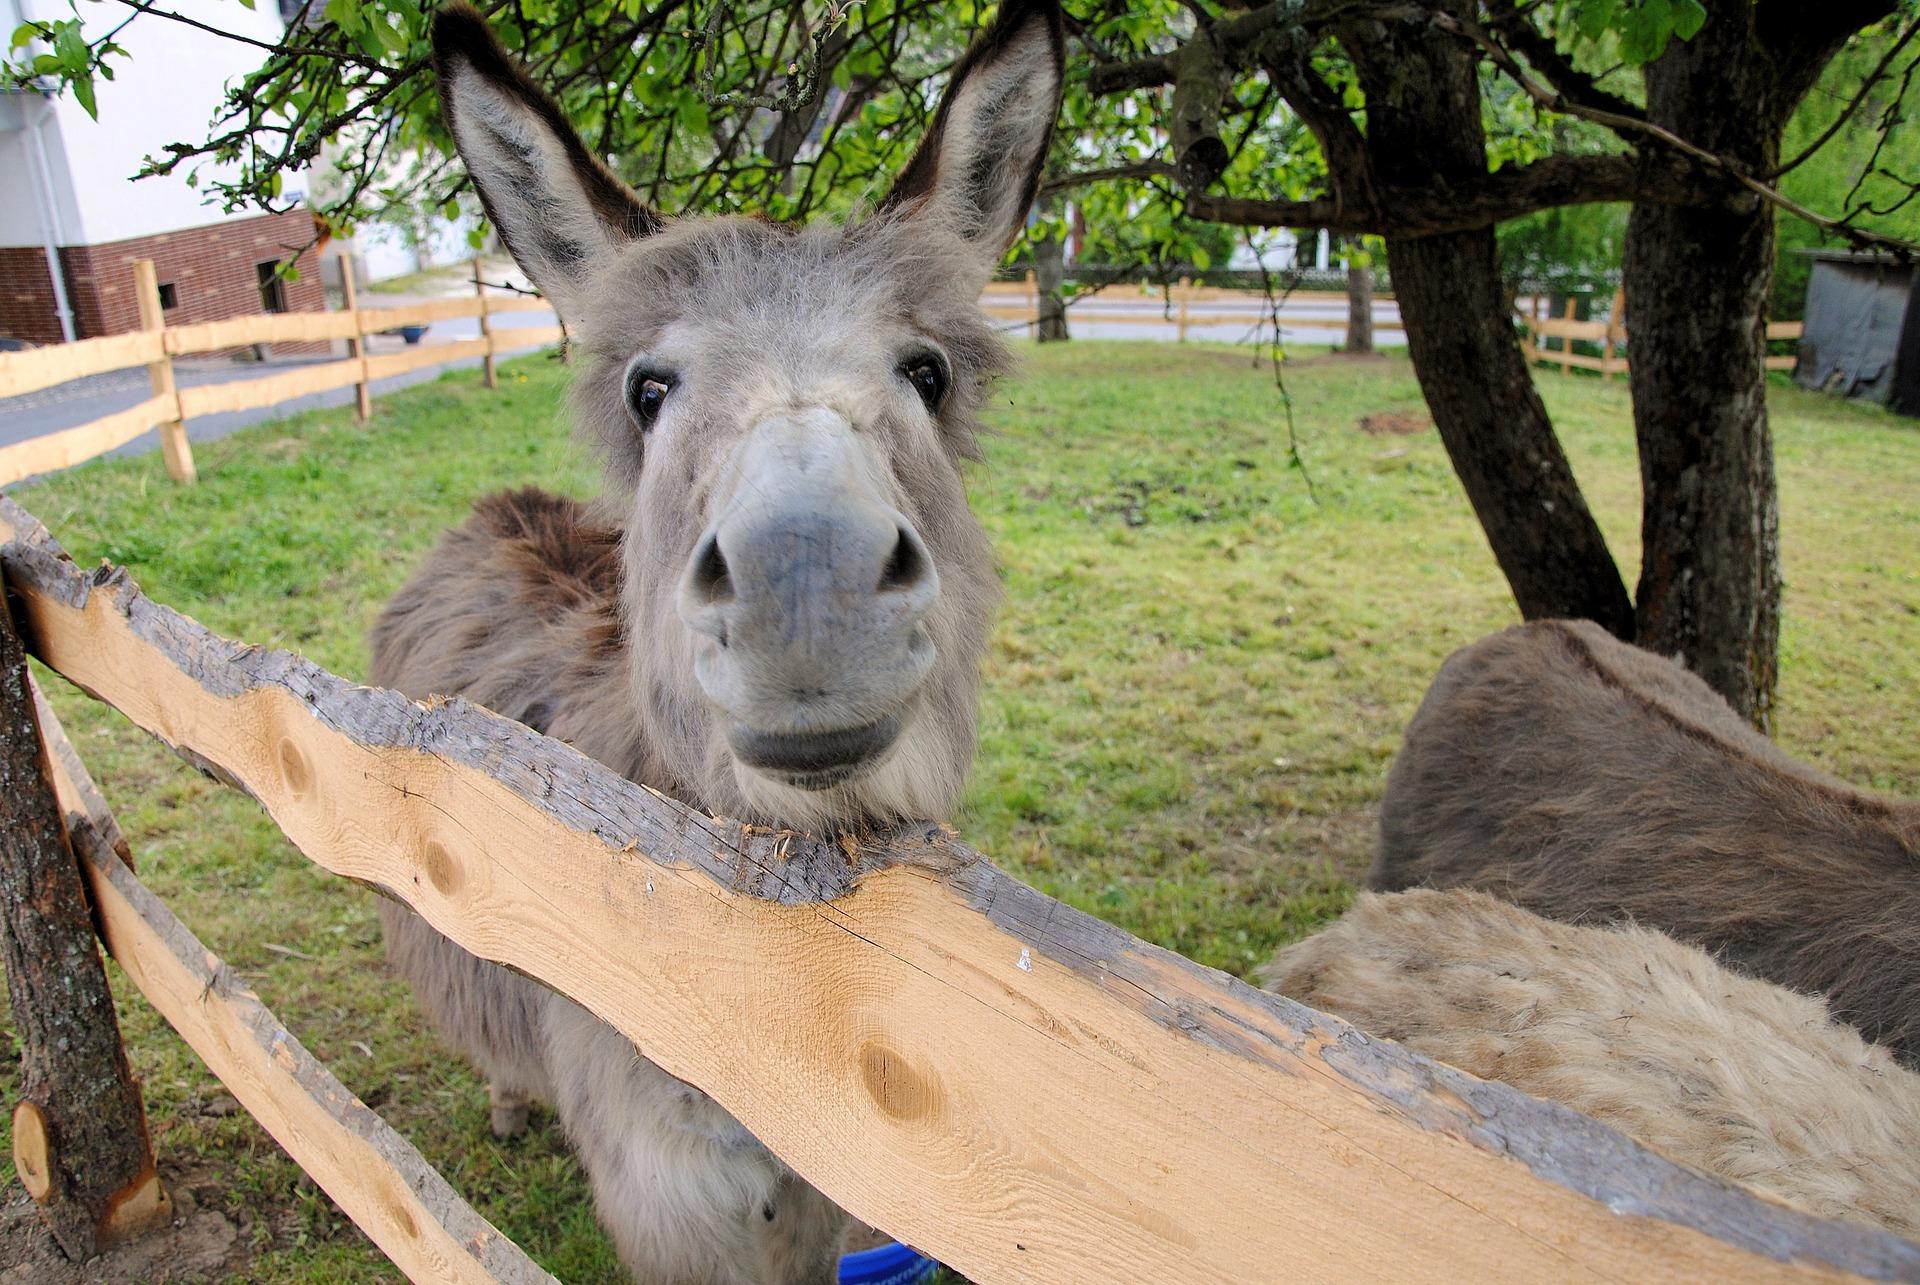 donkey-2728033_1920.jpg